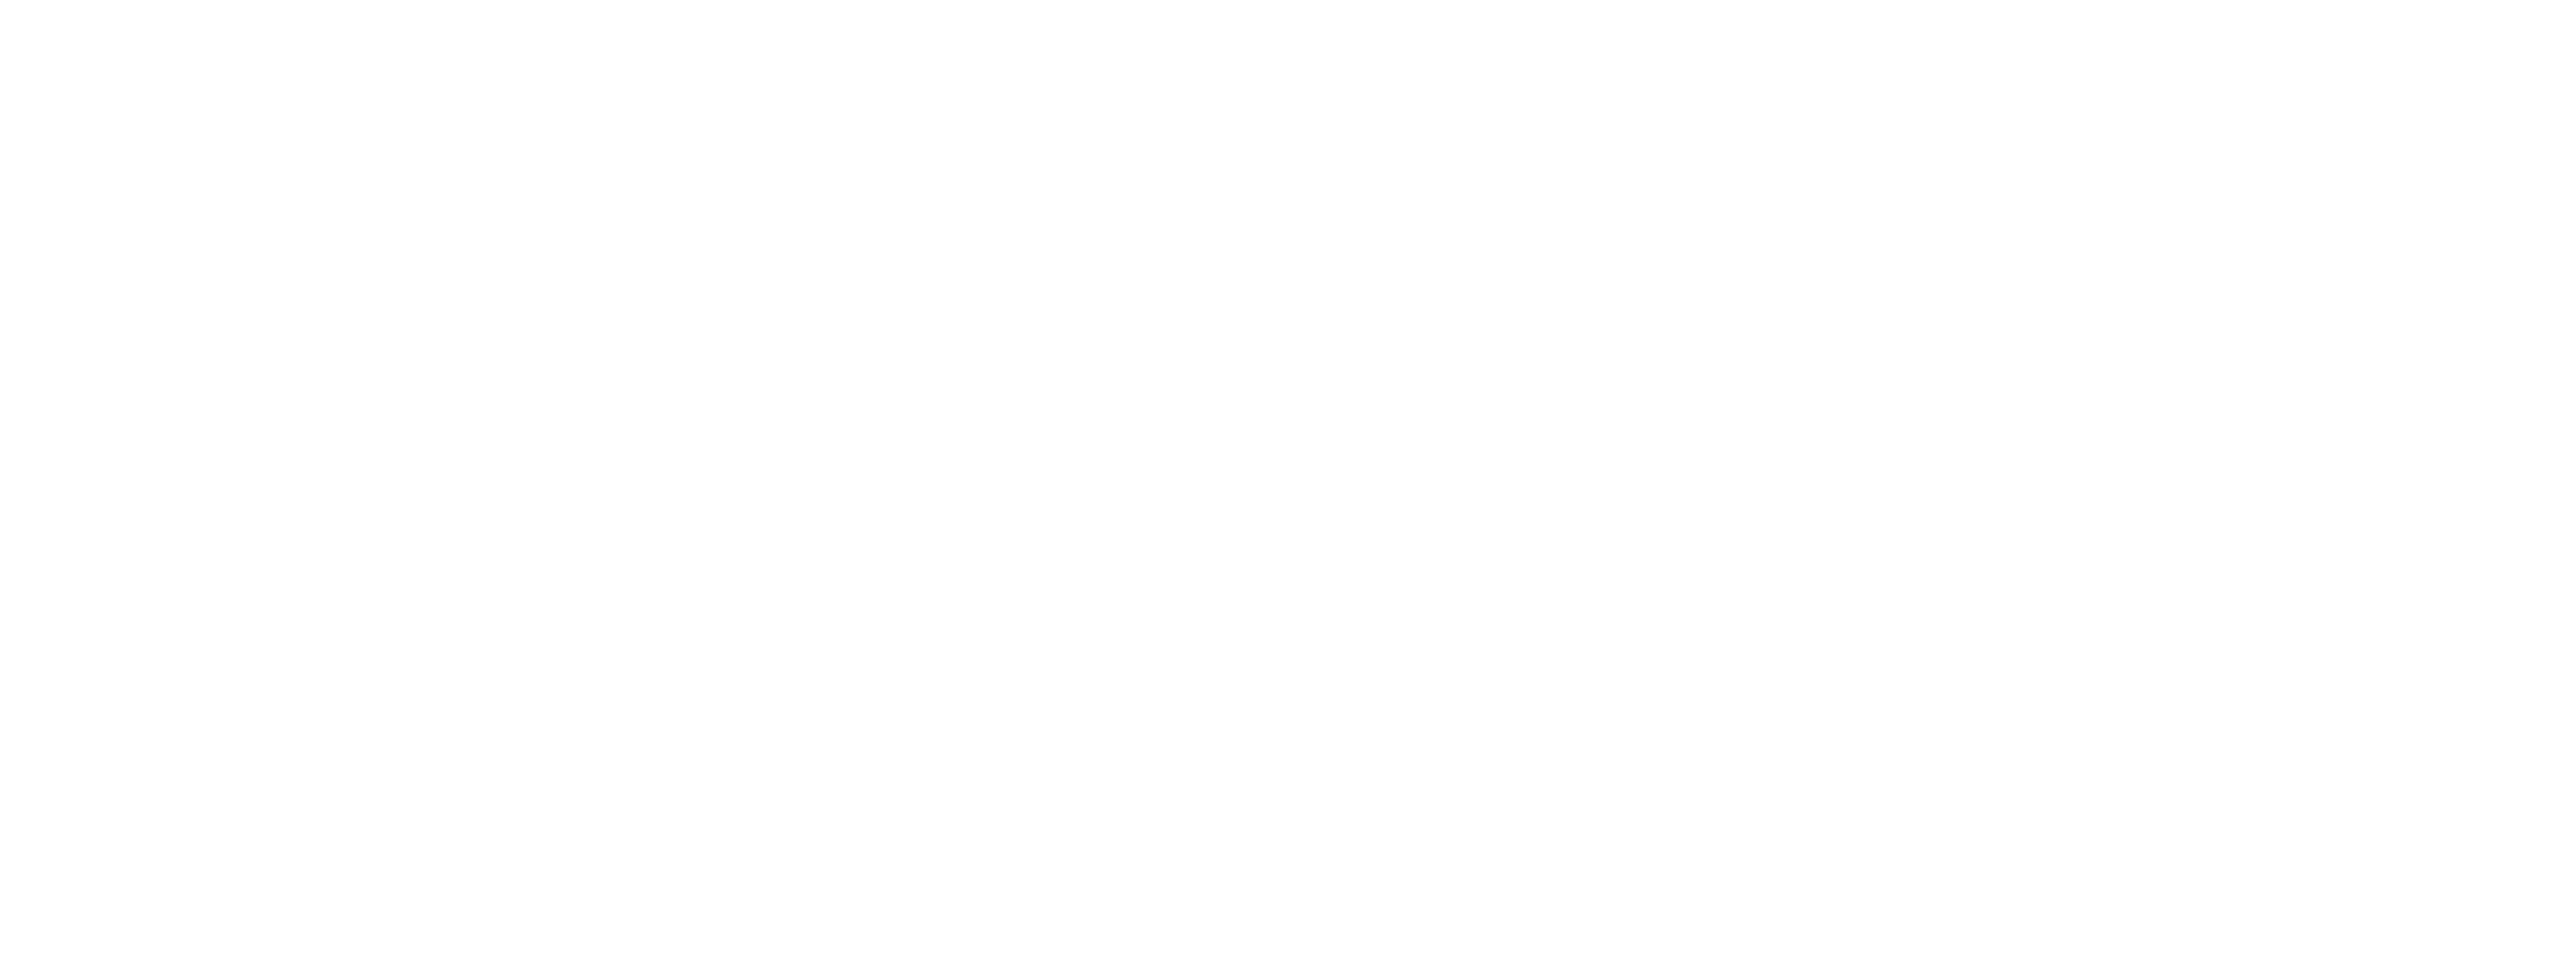 Chili & Limes | Pristne mehiške jedi in pijače | Taco, Quesadilla, Burrito